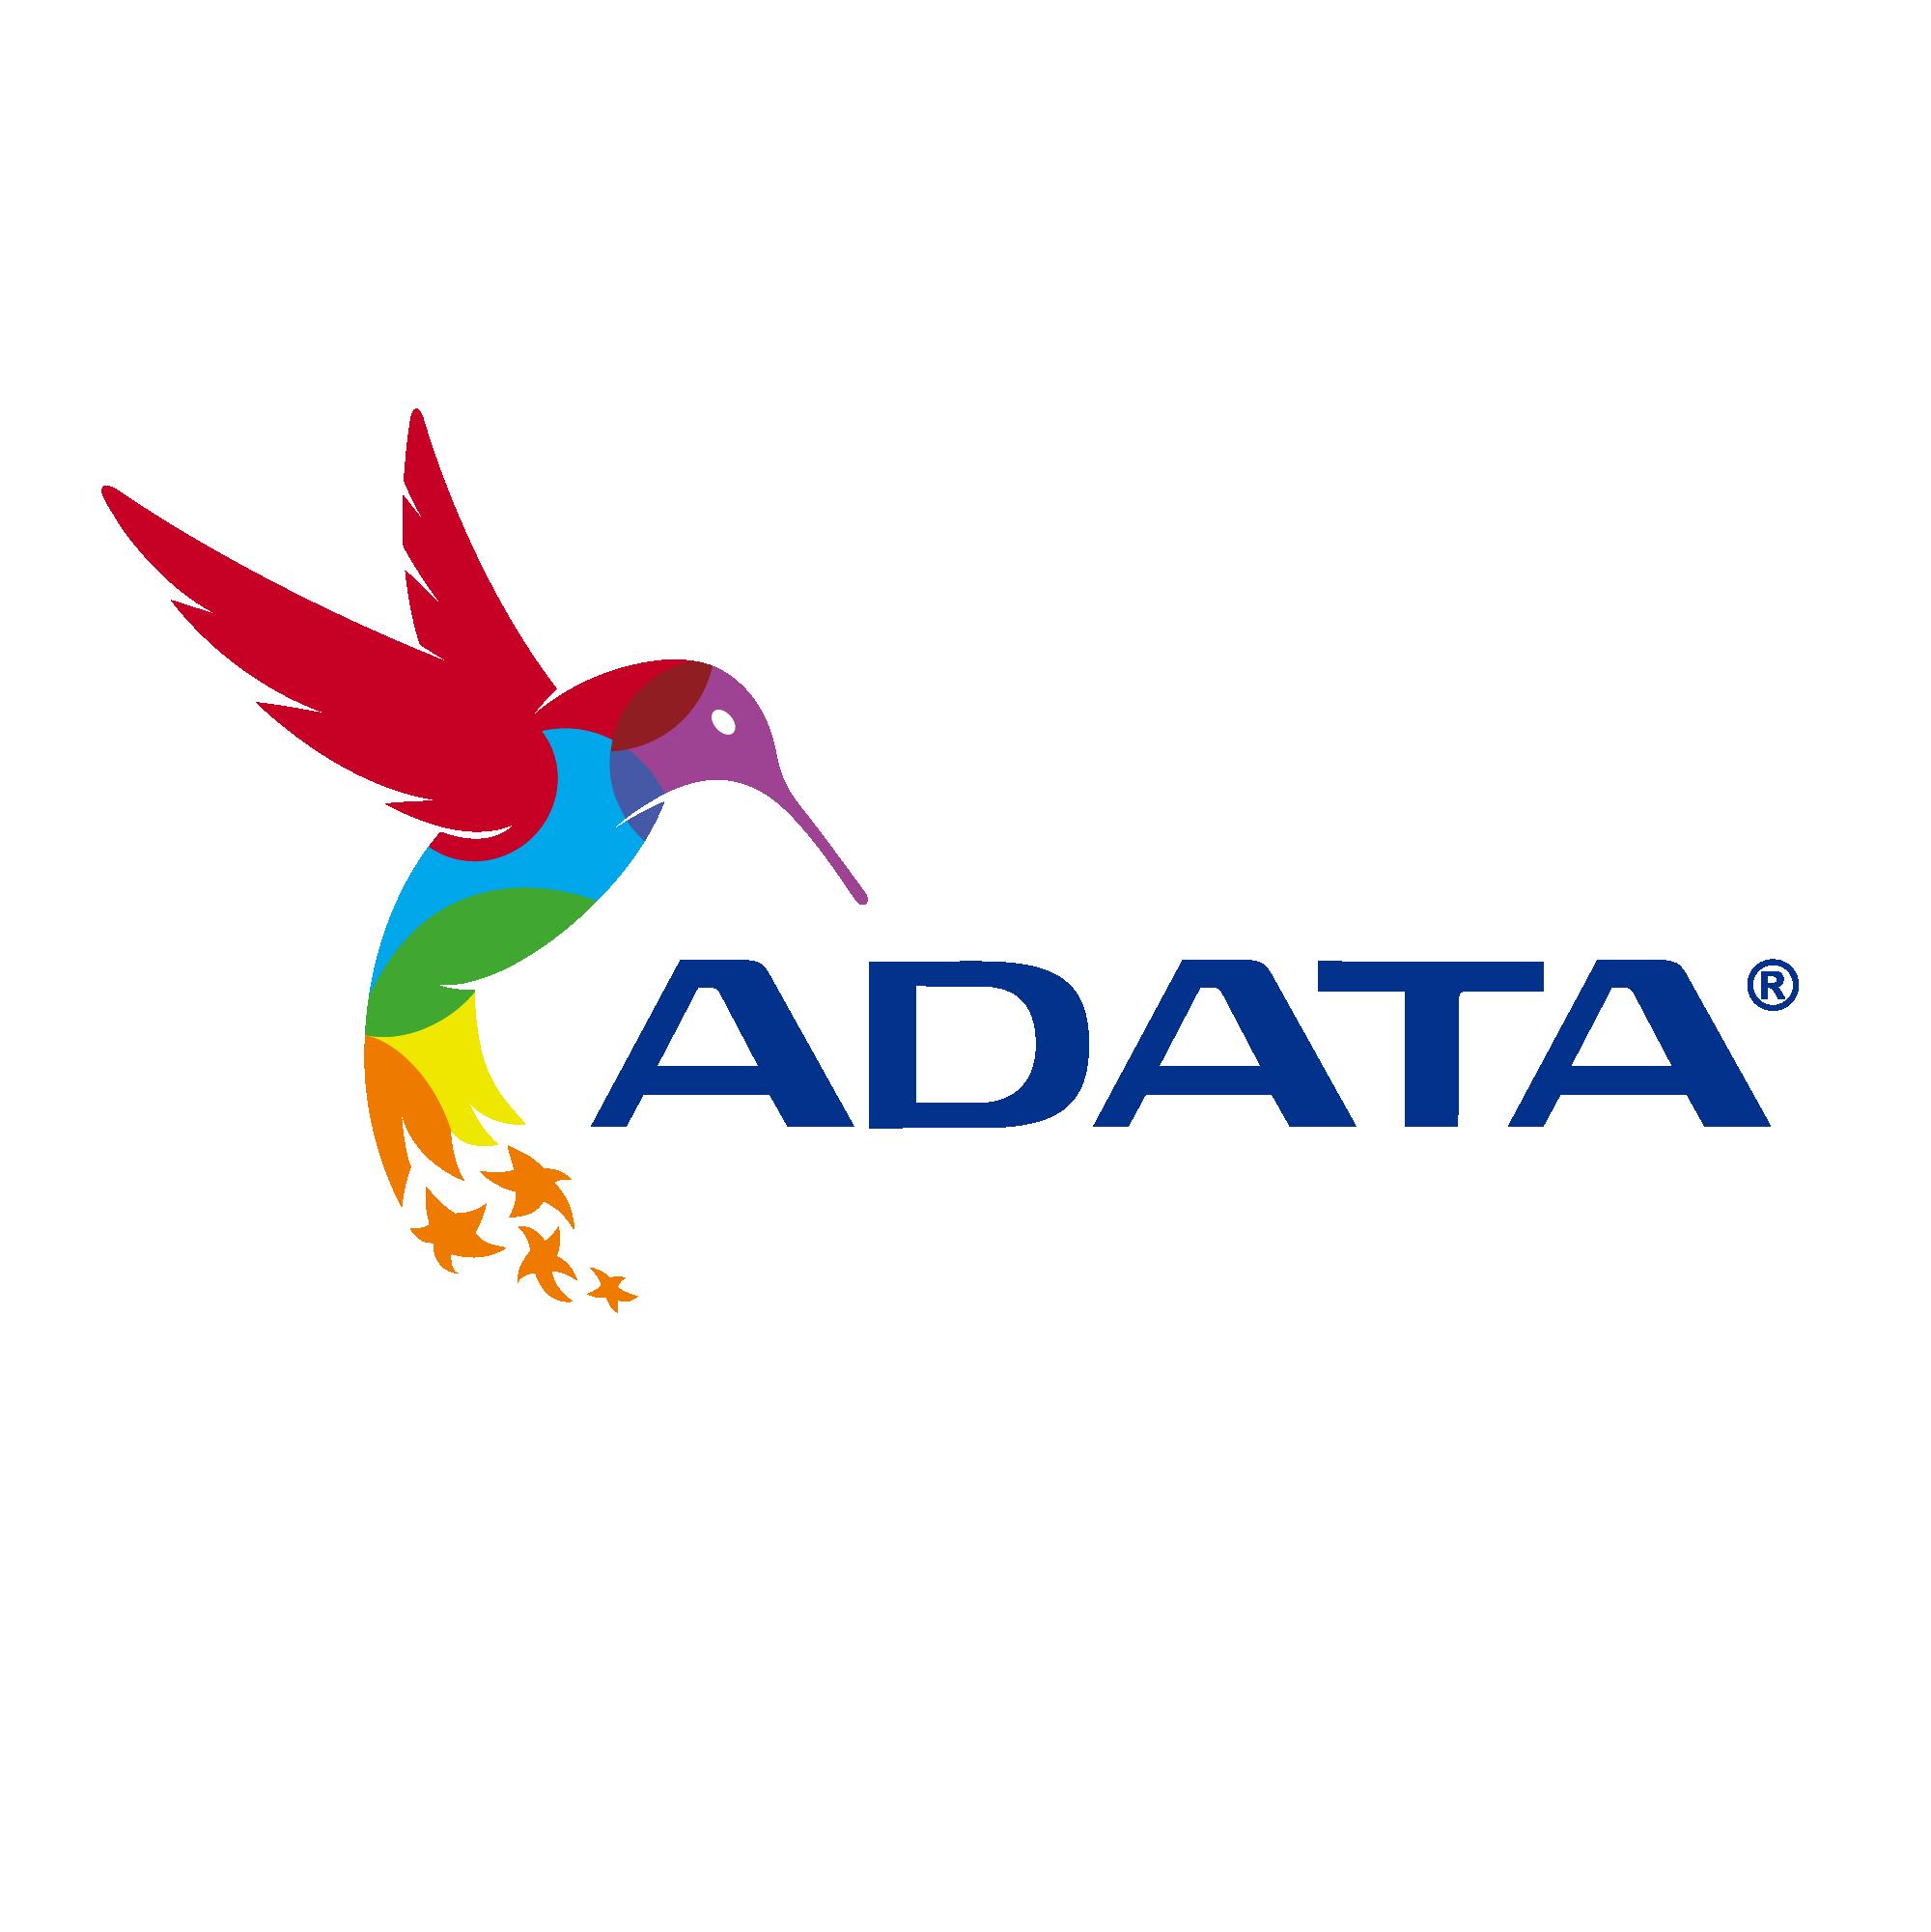 ADATA Website